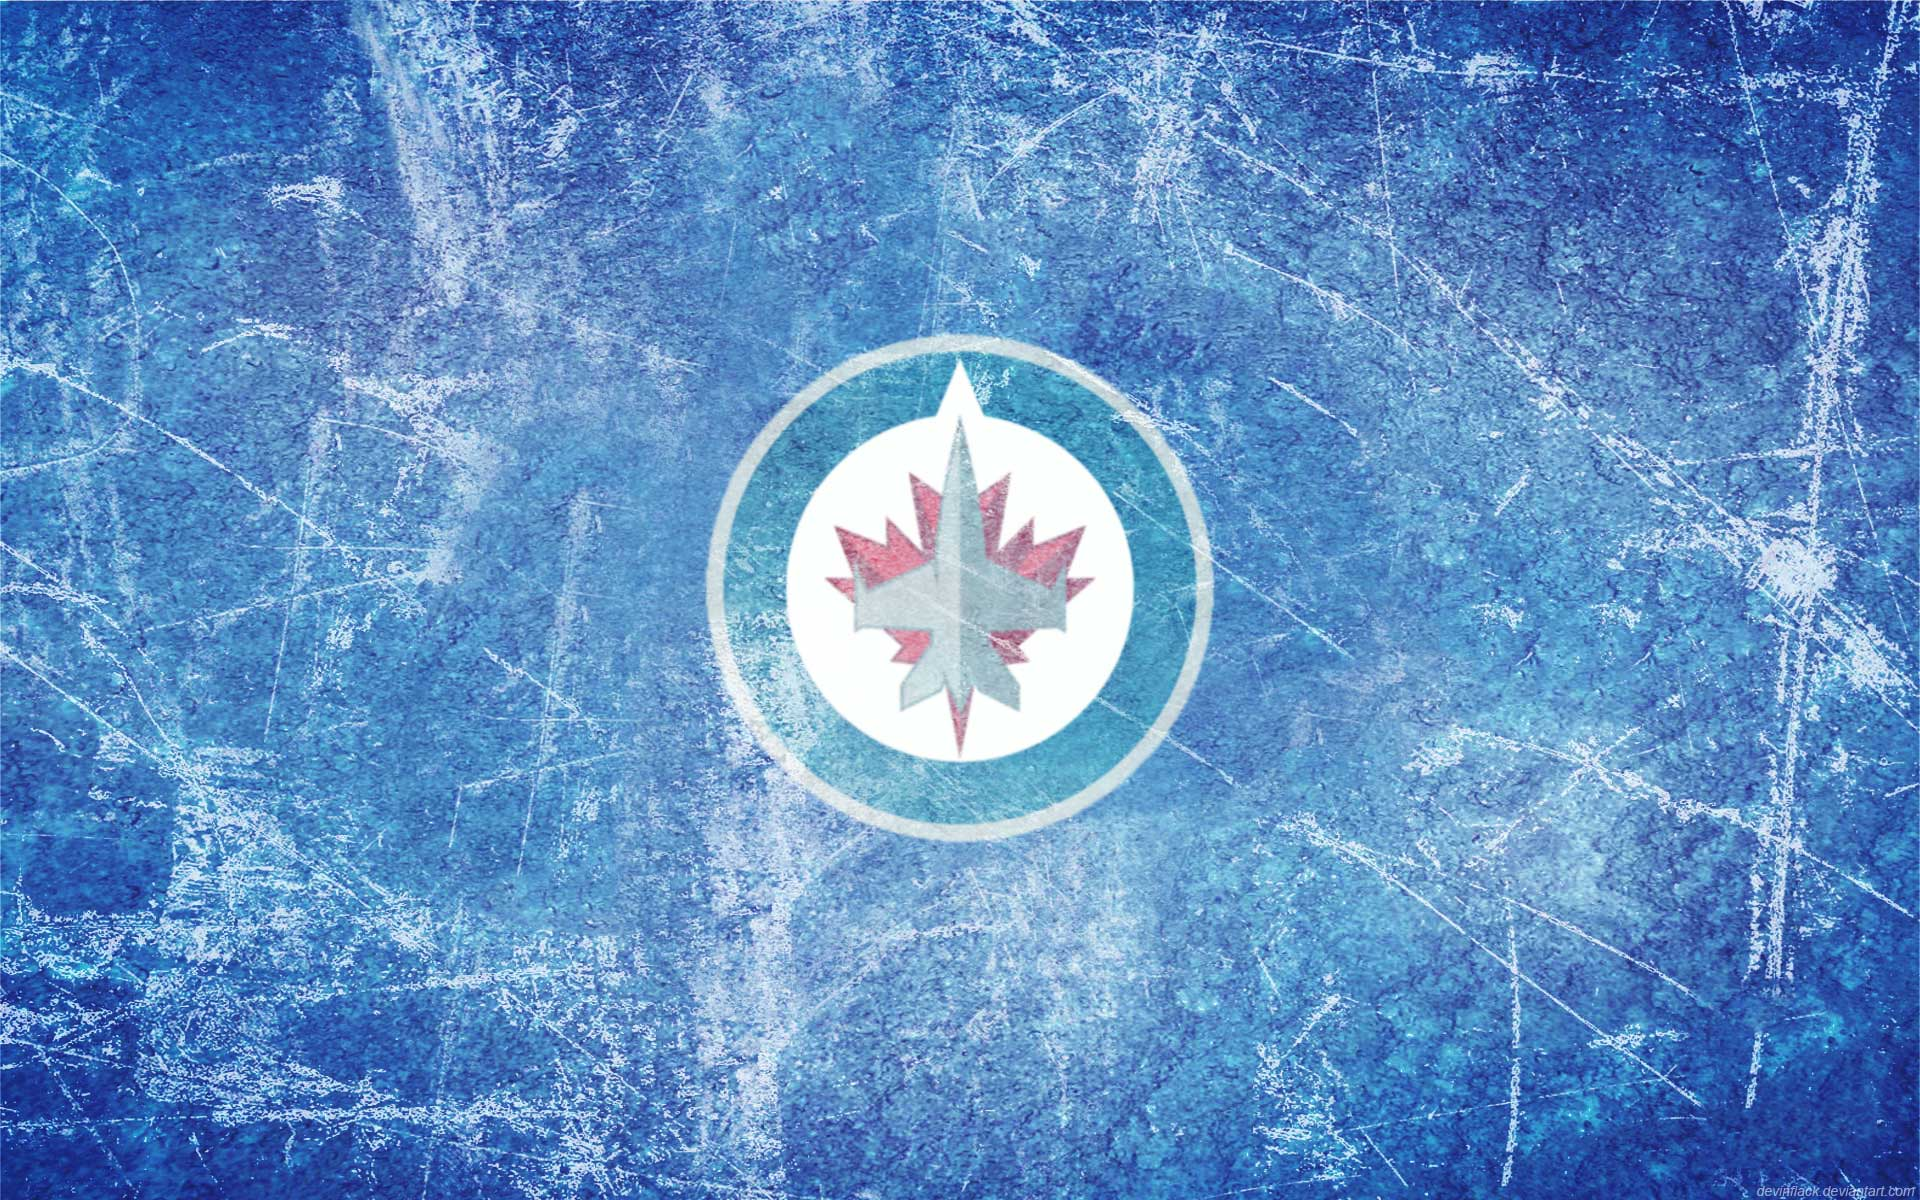 Winnipeg Jets Wallpapers   HD Wallpapers Base